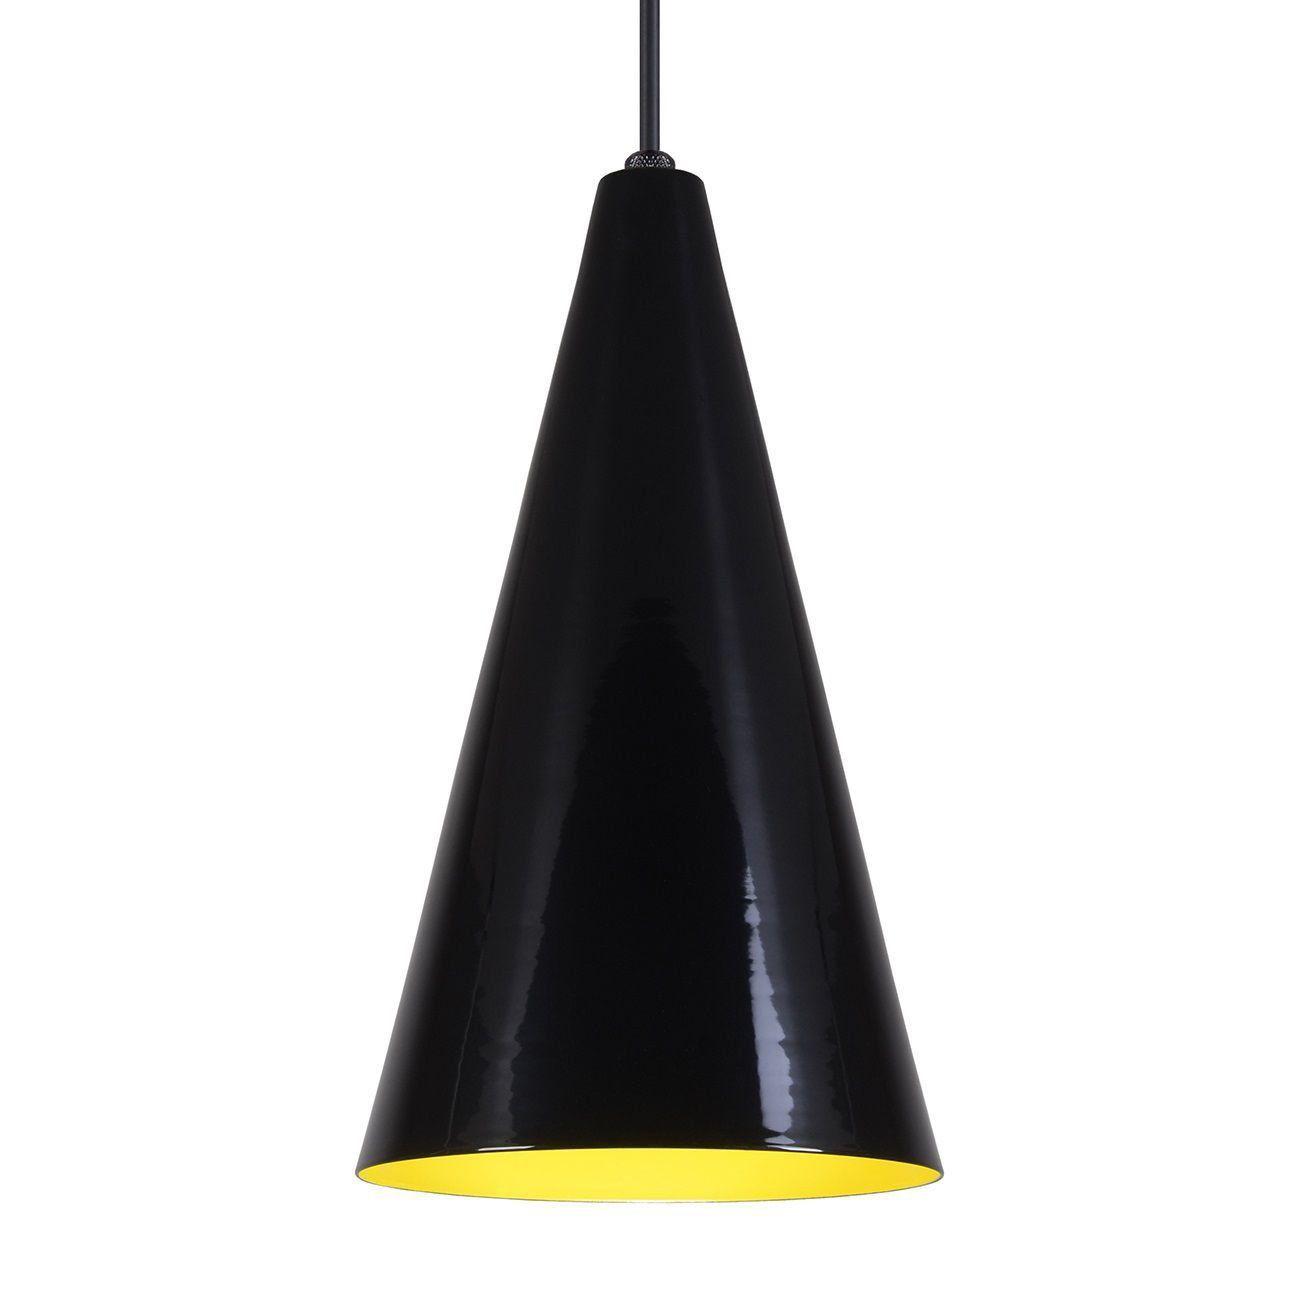 Pendente Cone Luminária Lustre Alumínio Preto Brilhante C/ Amarelo - Rei Da Iluminação